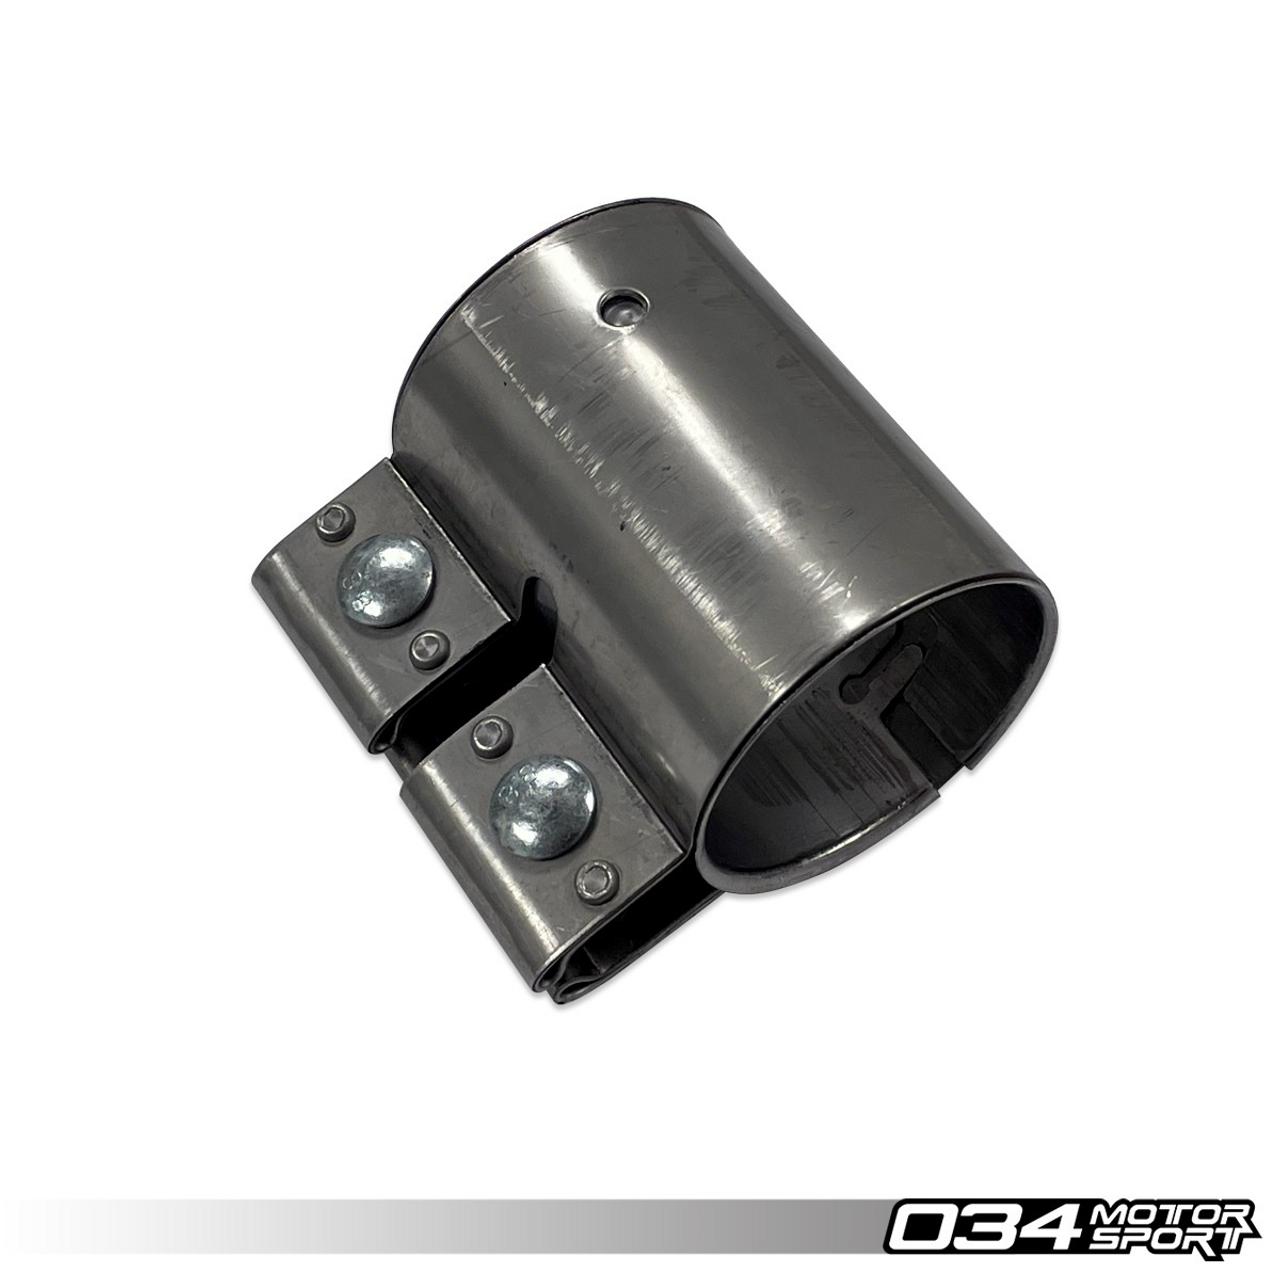 034Motorsport Res-X Resonator Delete for MK7.5 Volkswagen GTI